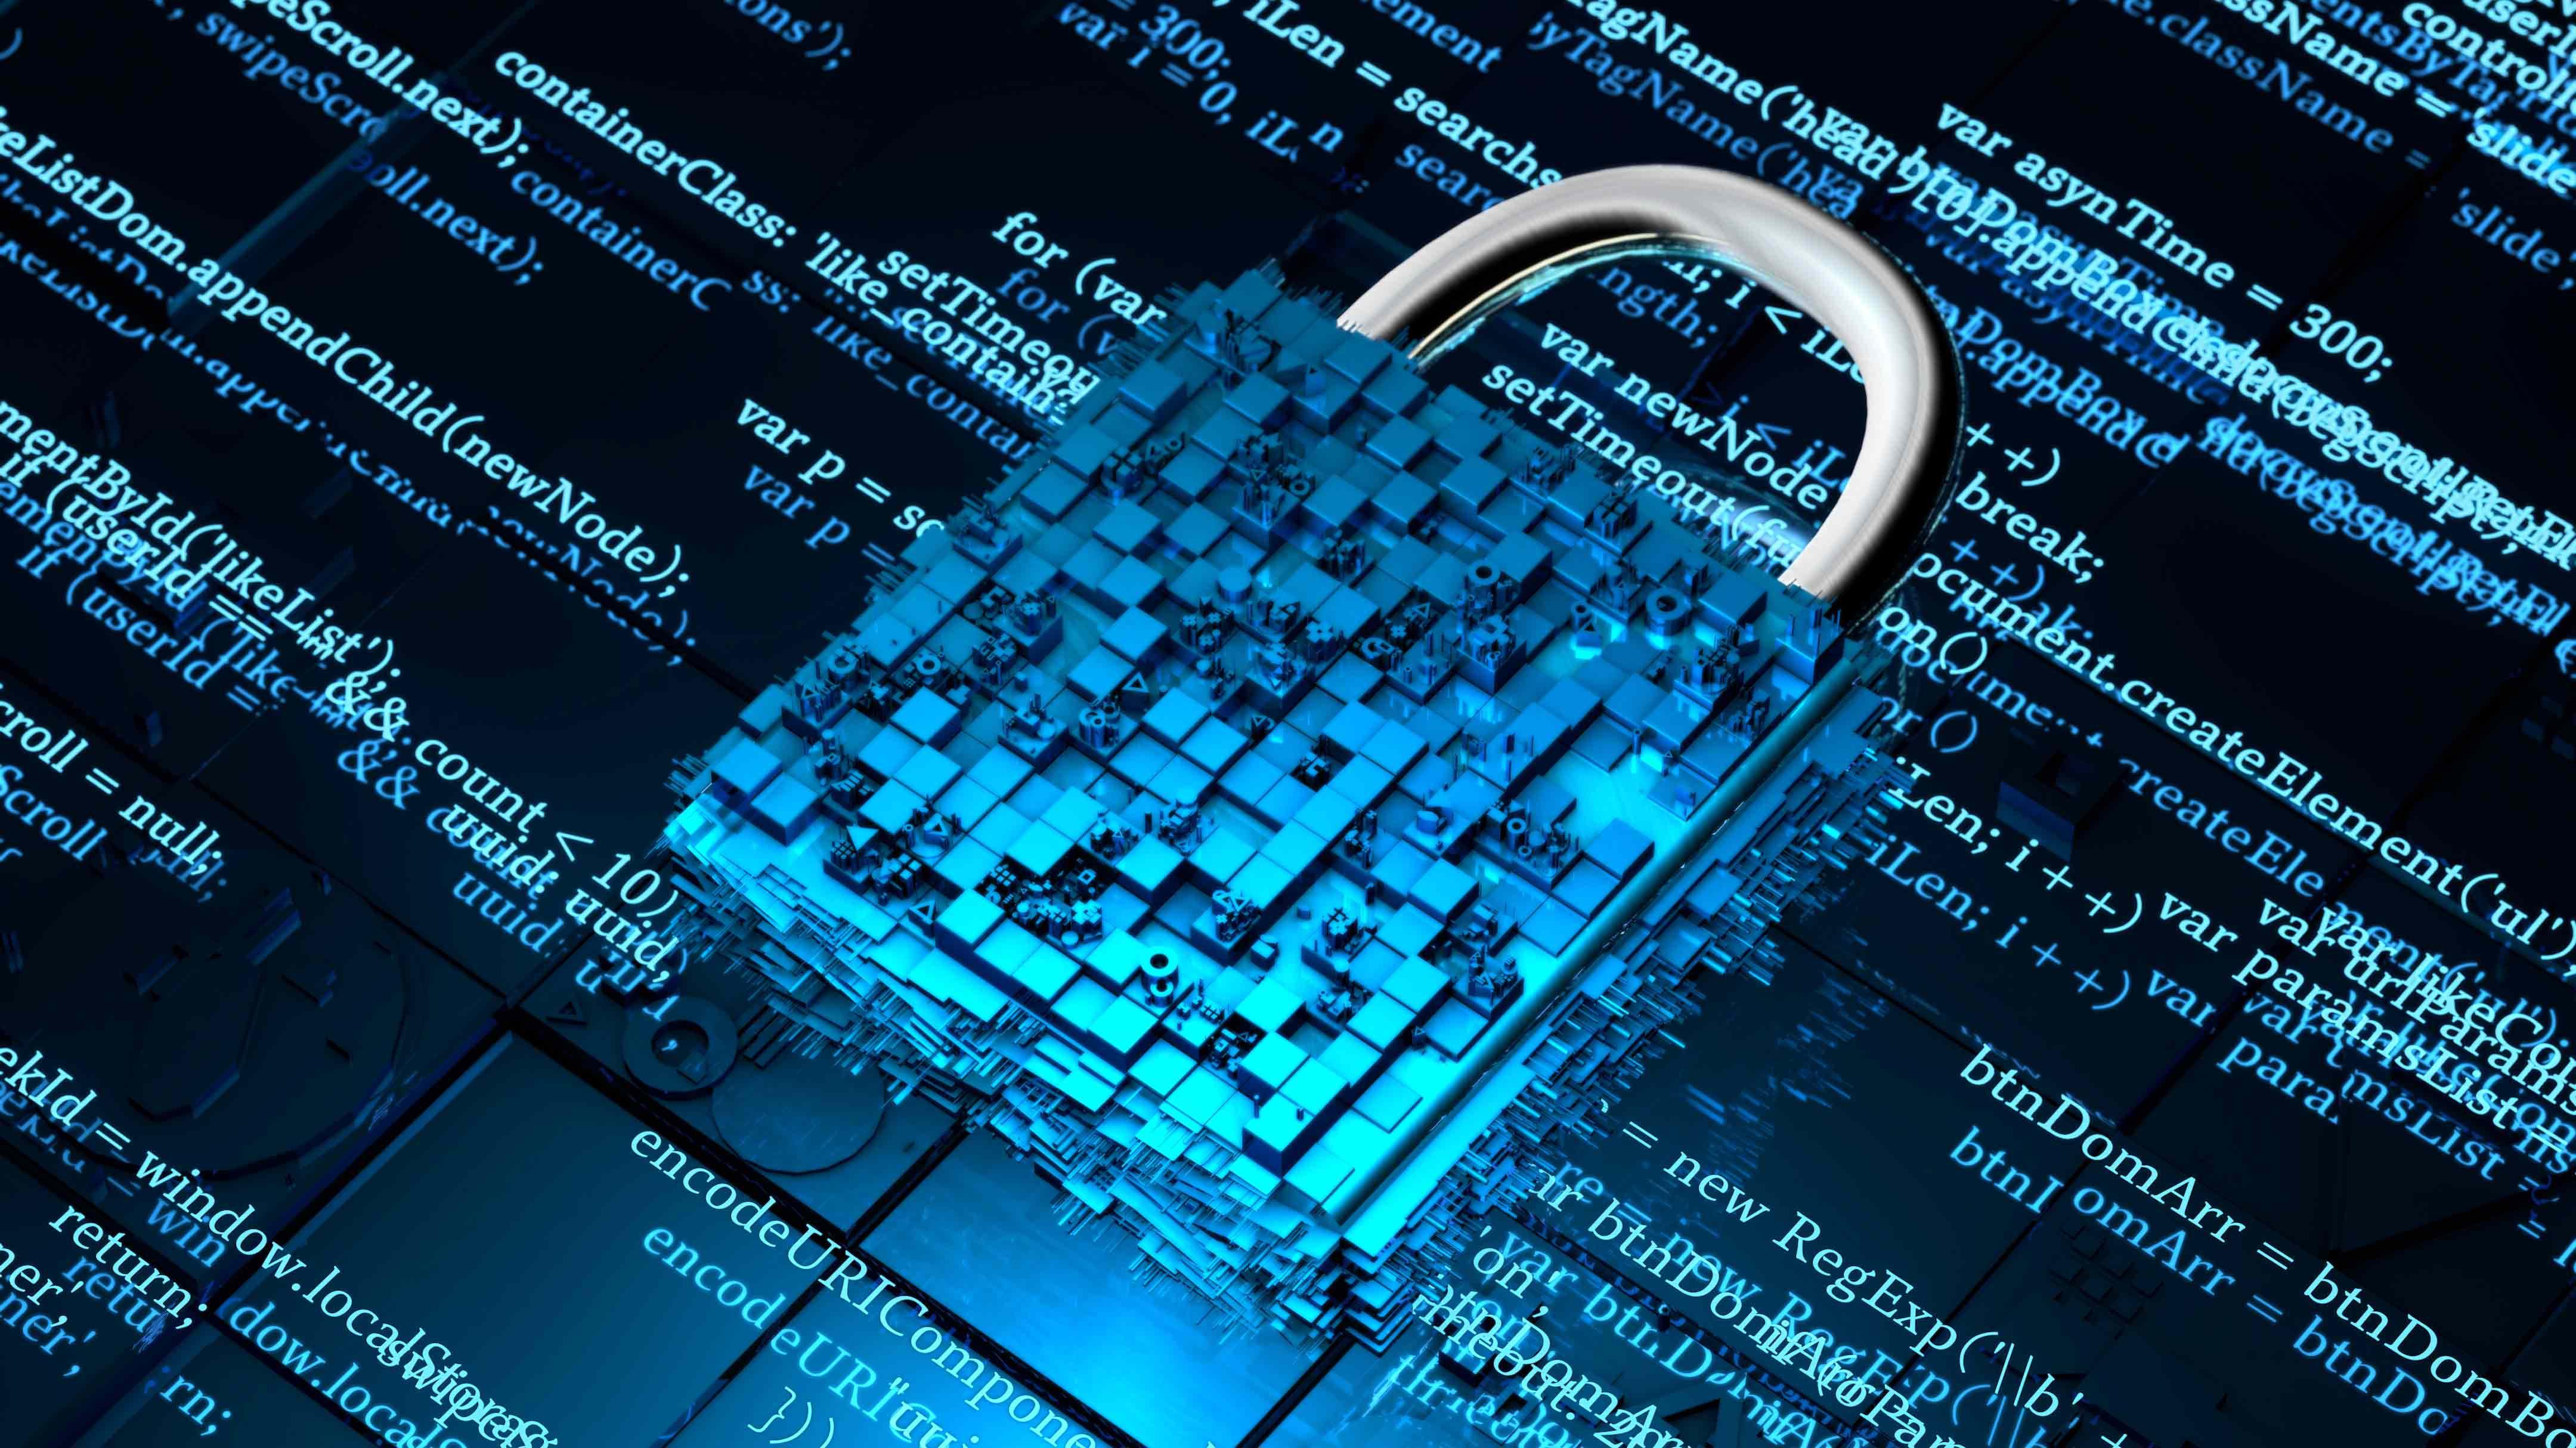 ciberseguridad-una-oferta-mas-tecnica-y-practica